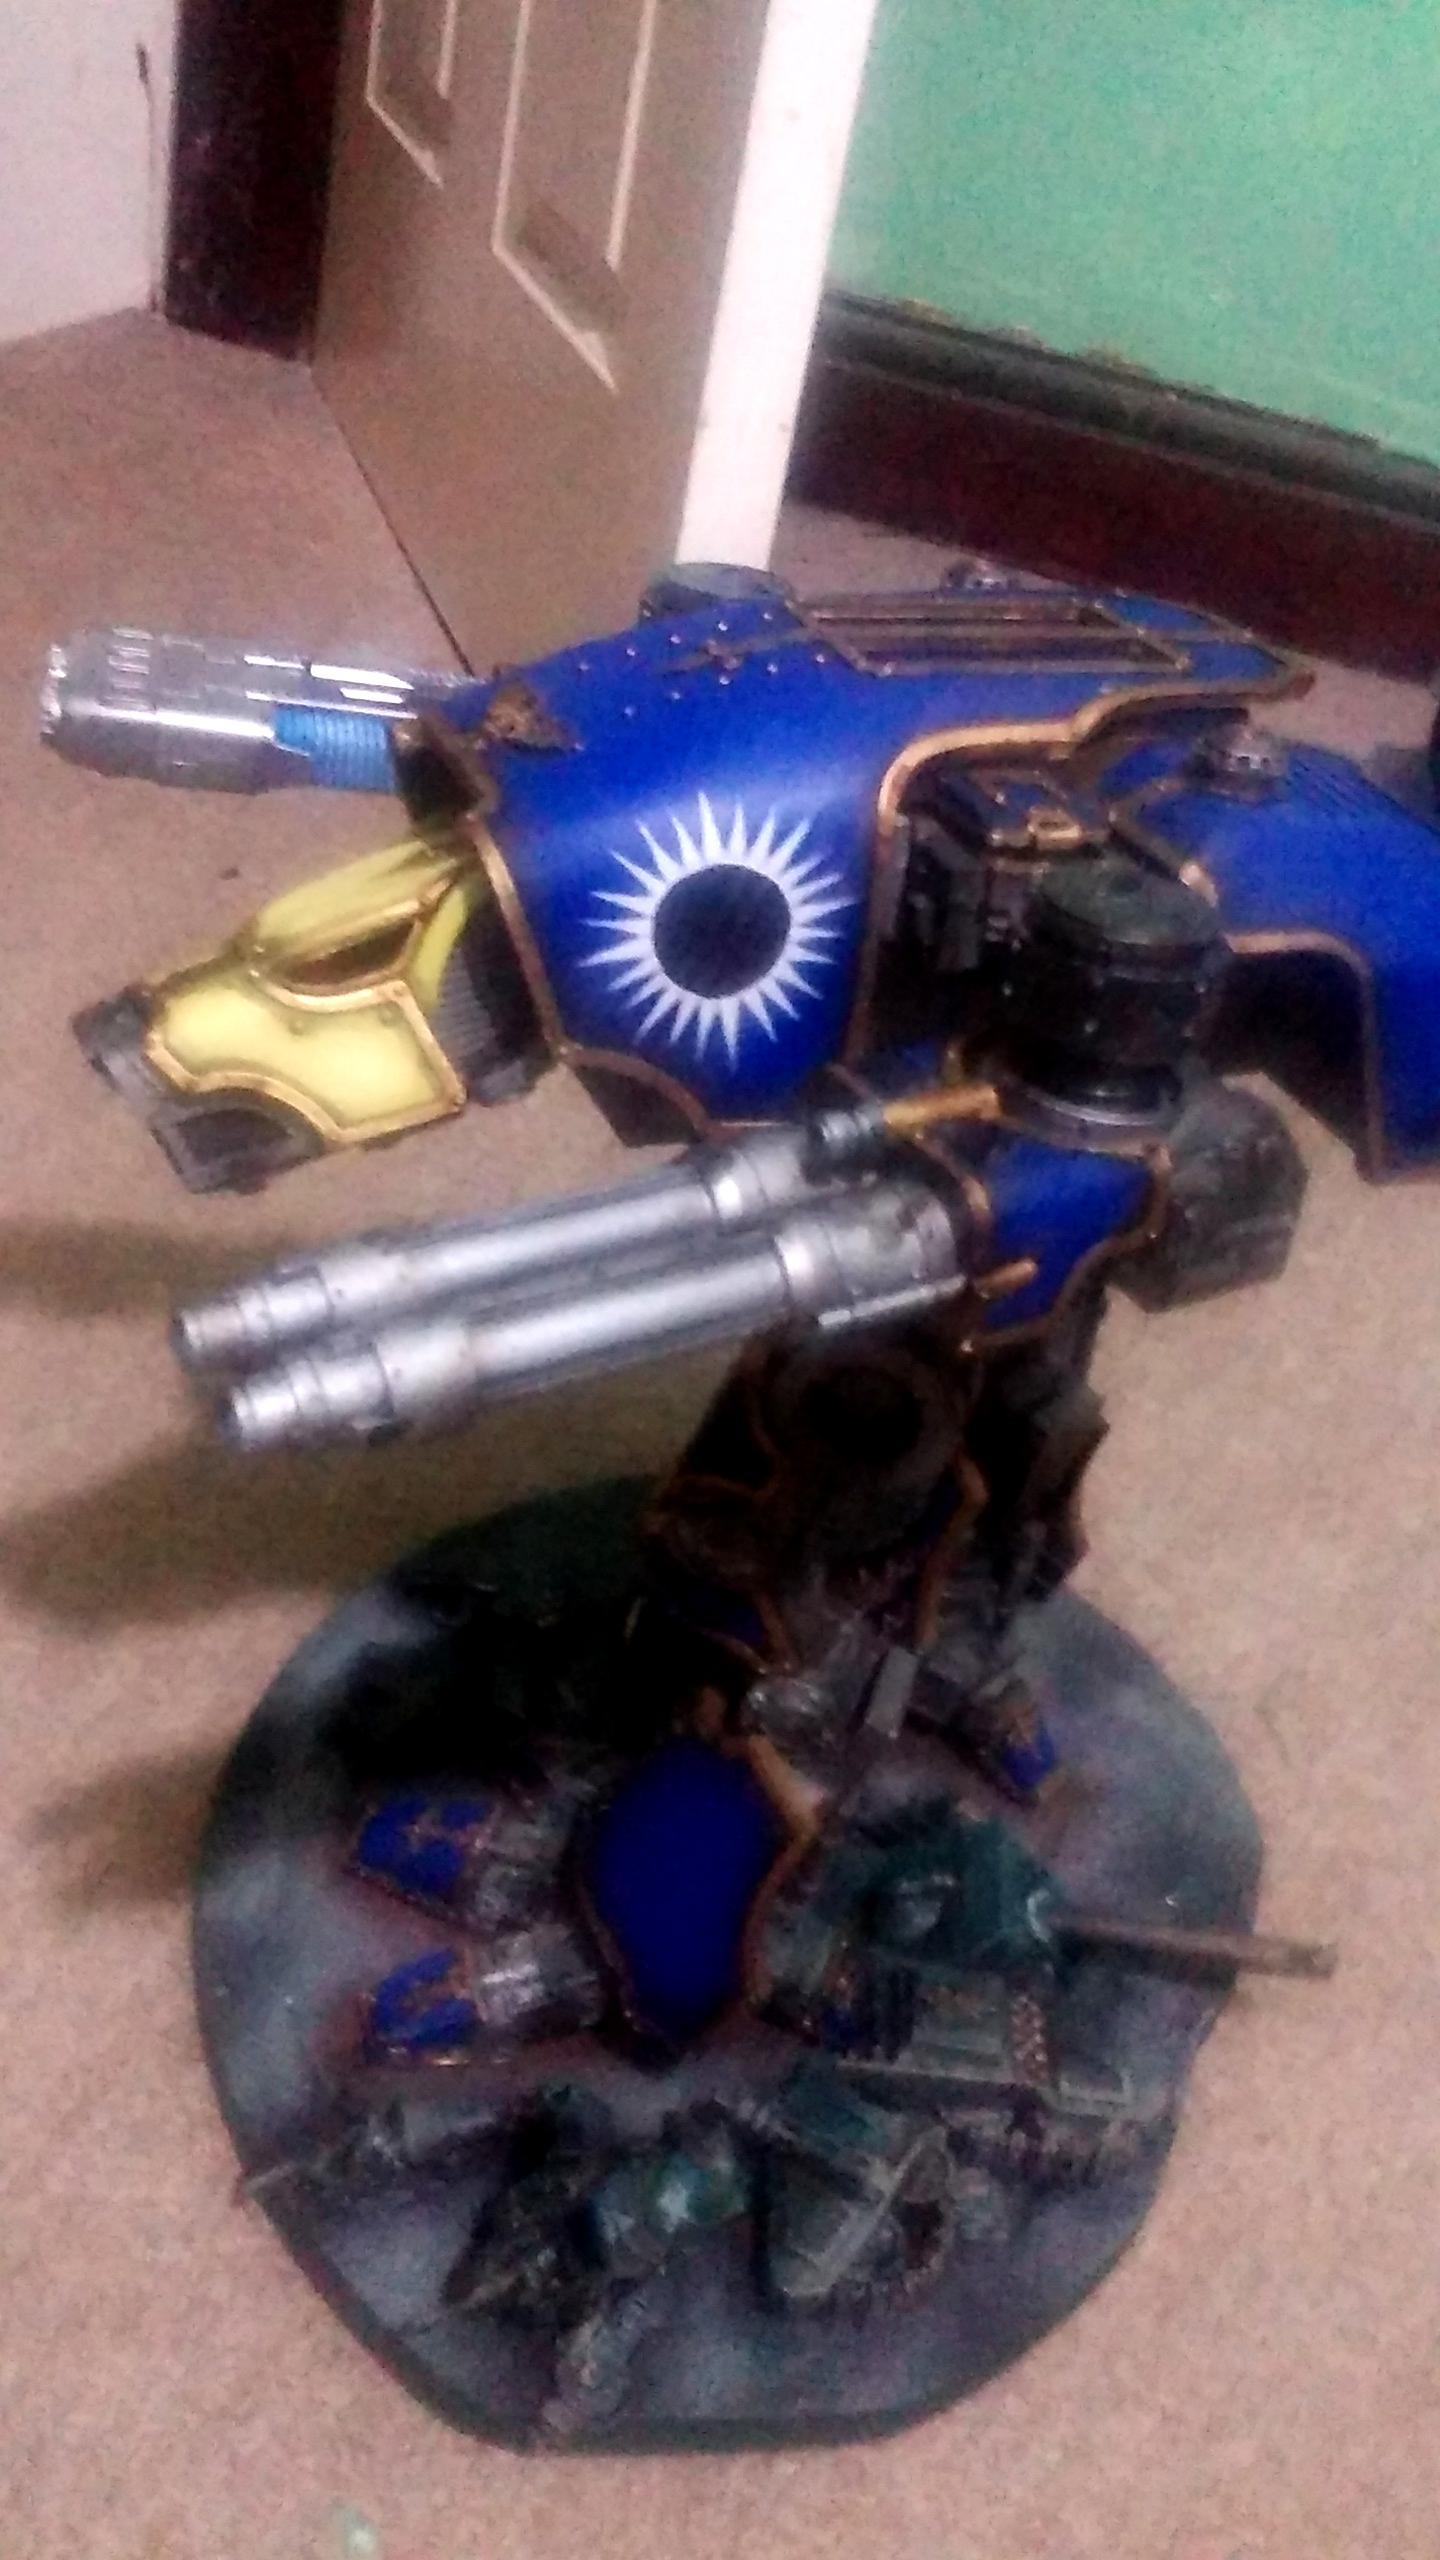 Adeptus Mechanicus, Forge World, Games Workshop, Titan, Warhammer 40,000, Warhound, Warp Runners